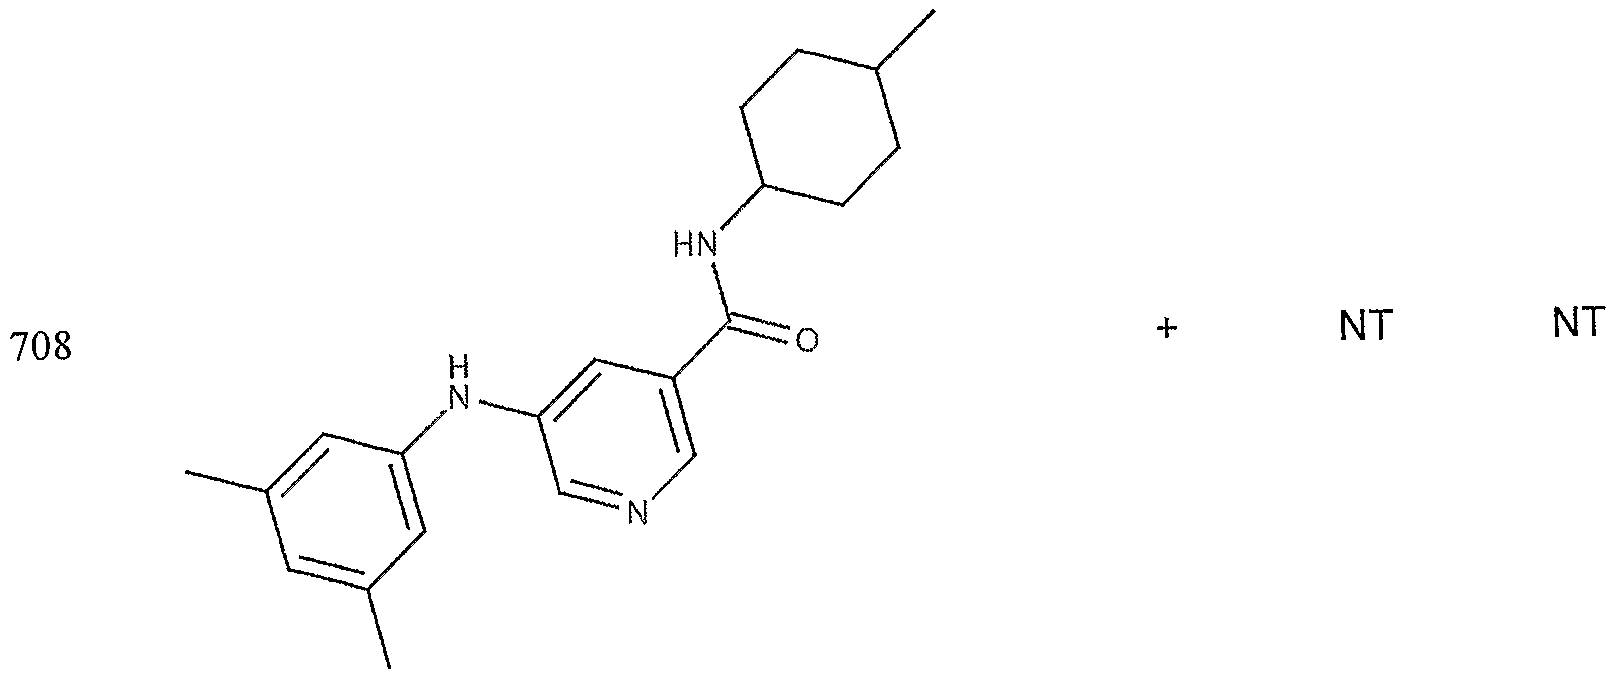 Figure imgf000266_0003